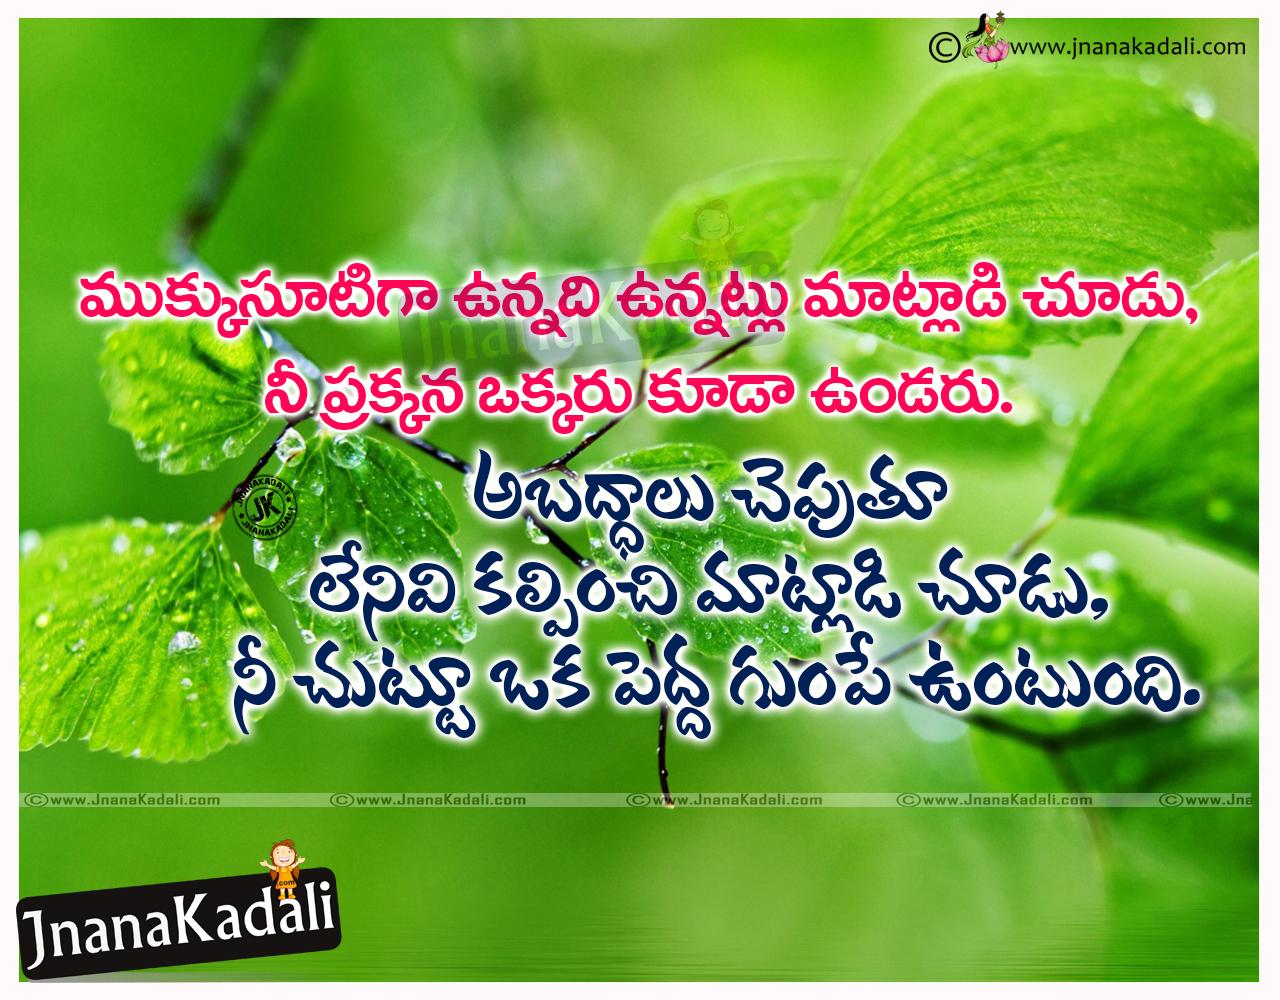 Imagenes De Beautiful Quotes About Life In Telugu